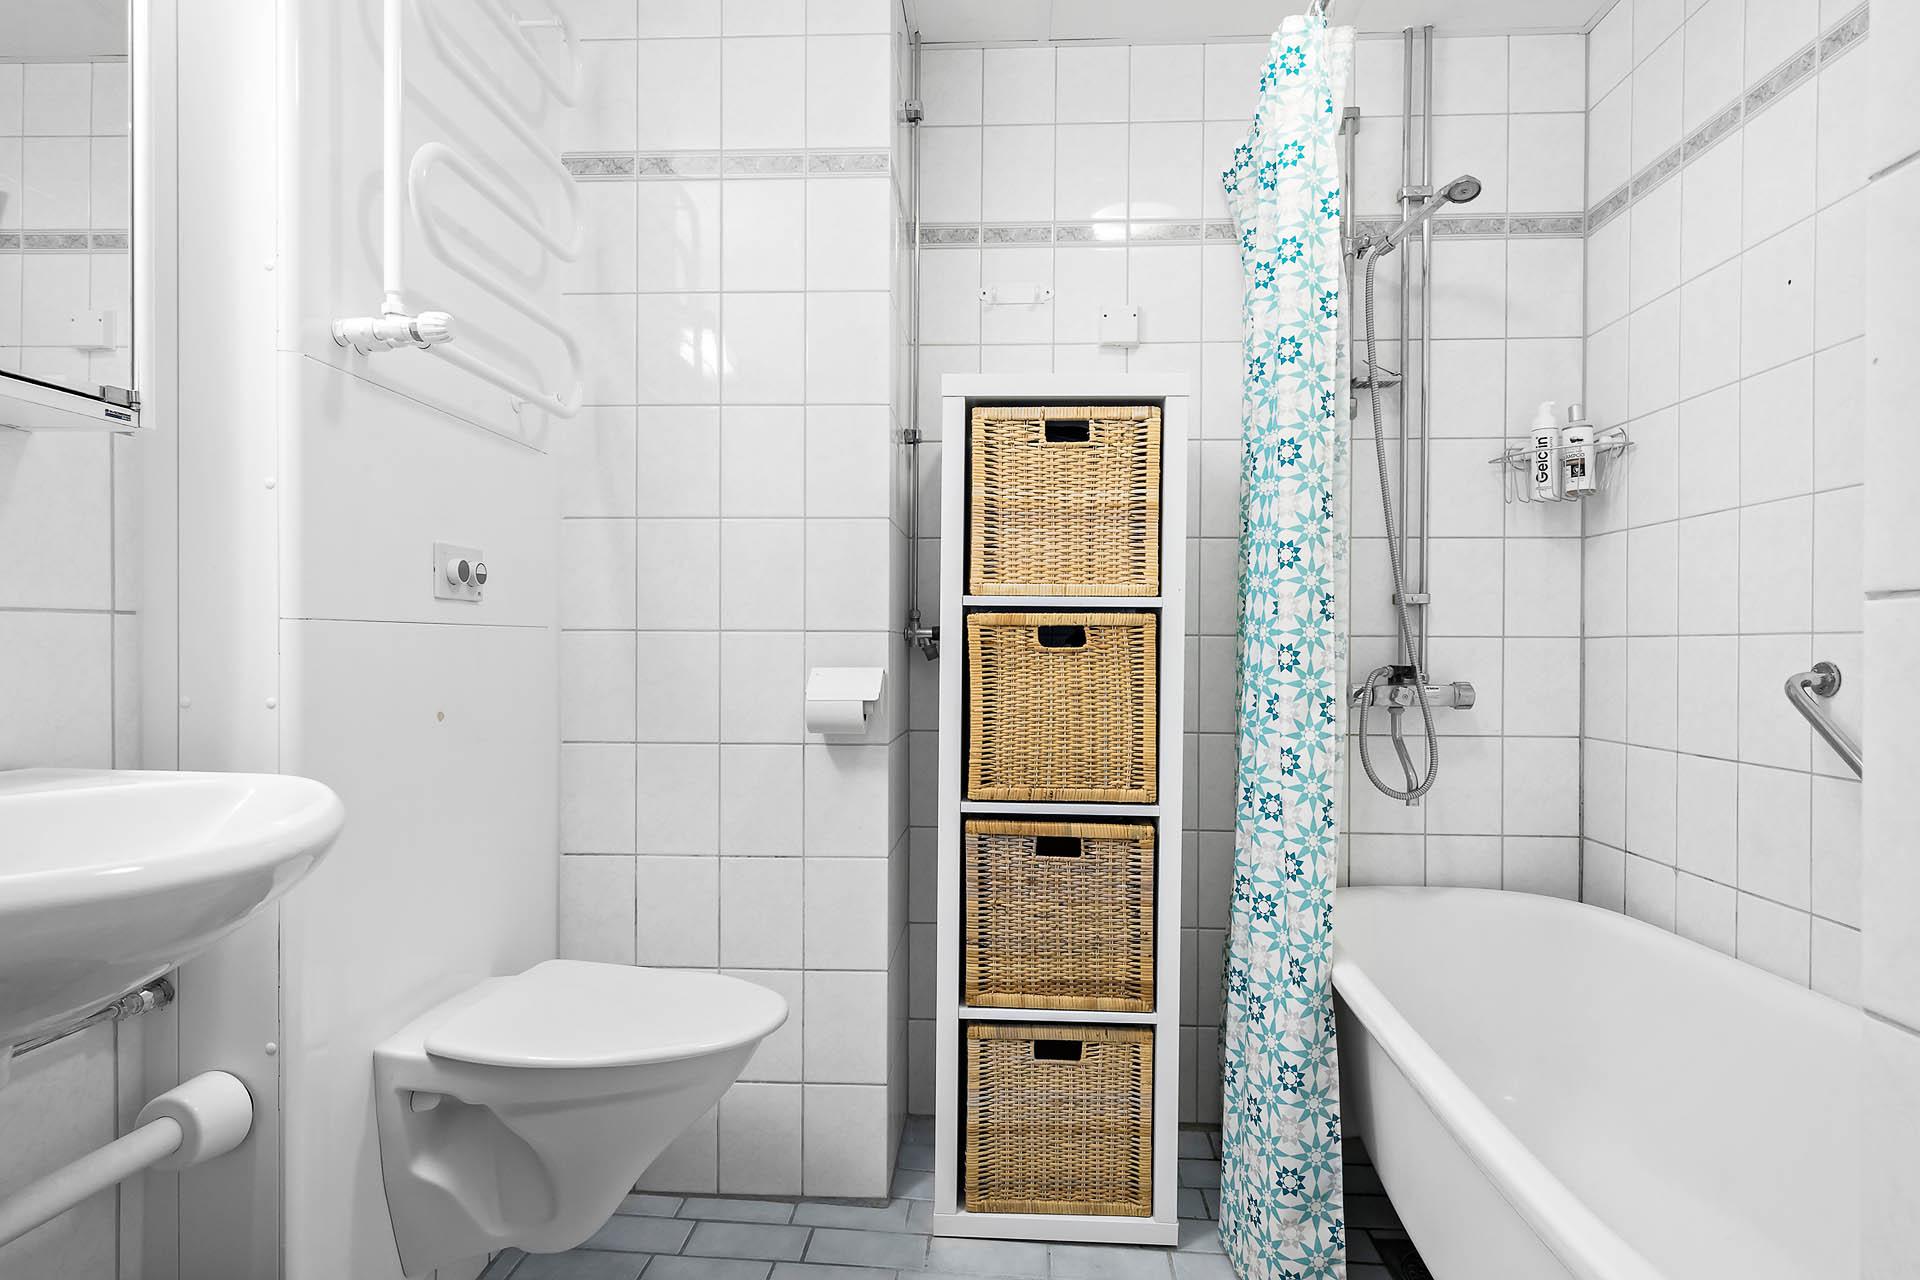 Badrum med badkar. Förberett för att sätta in tvättmaskin.